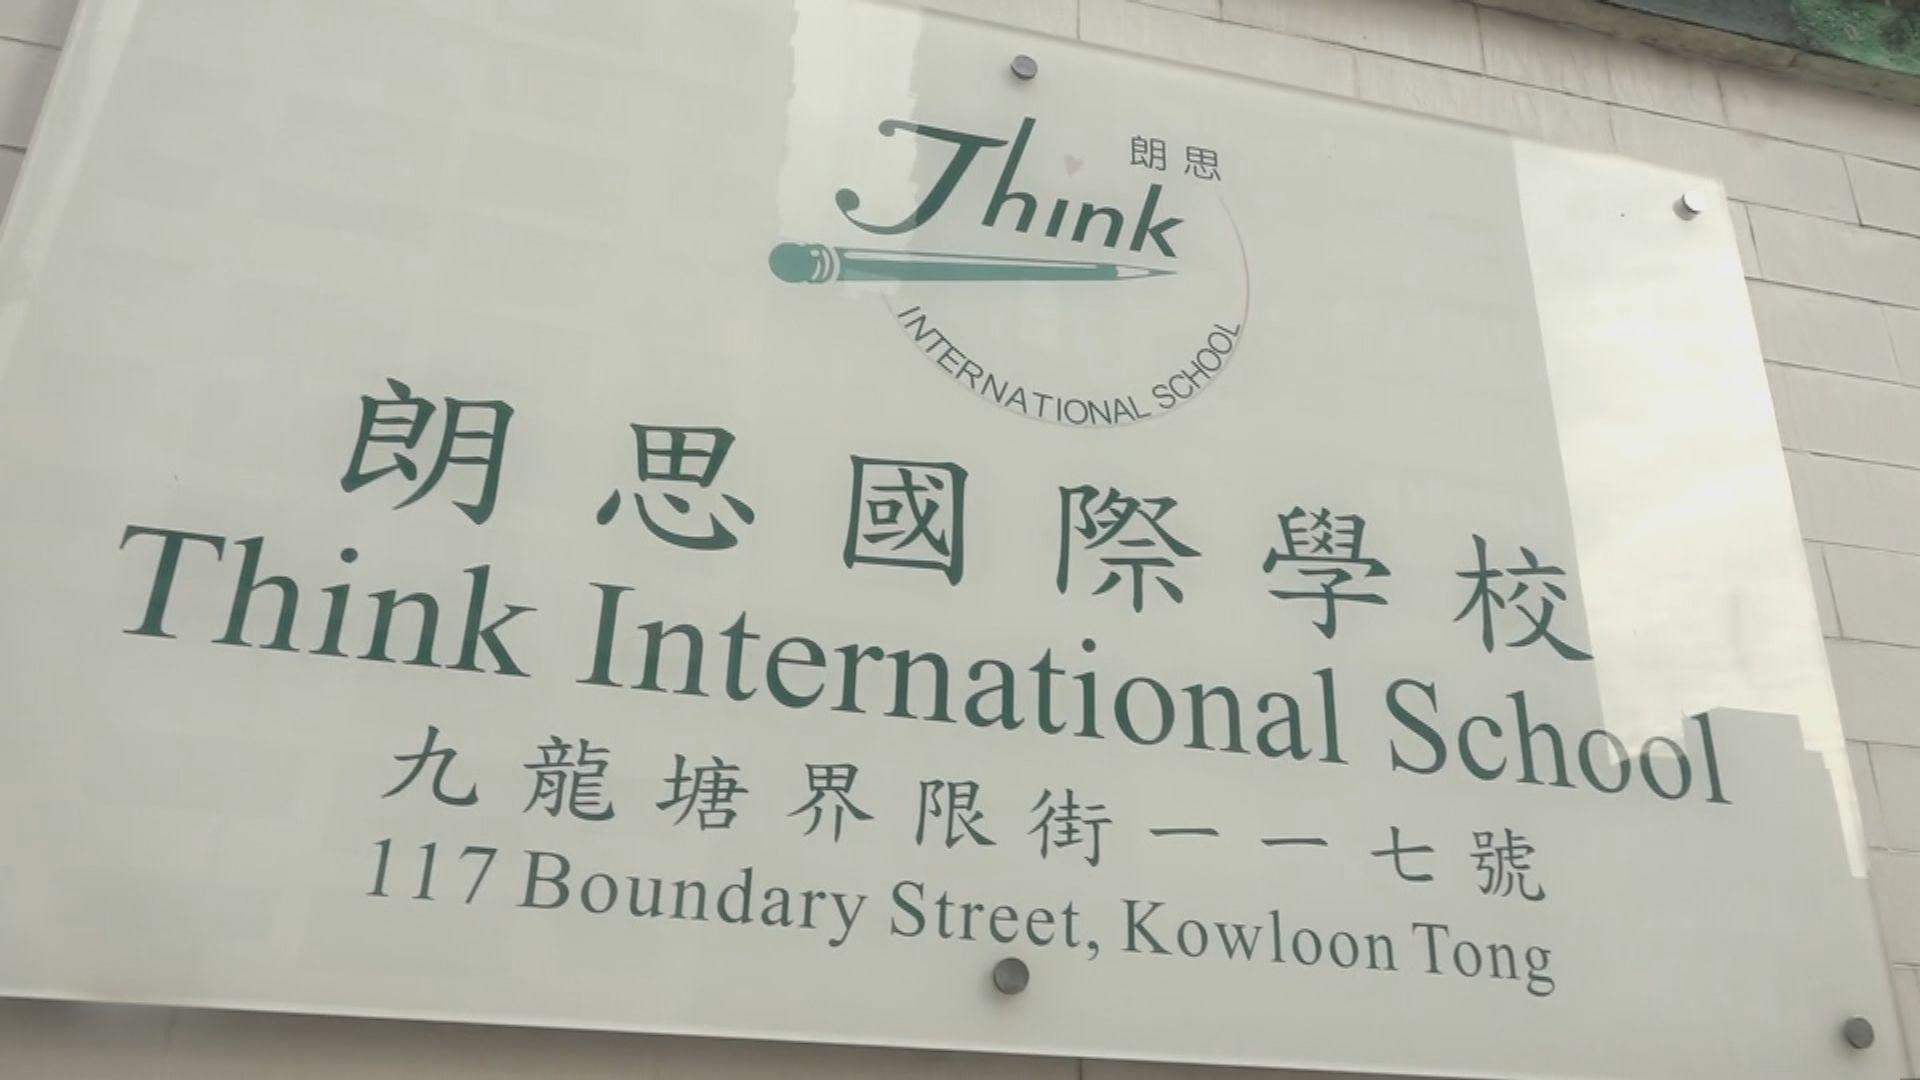 朗思將安排受影響小學生到九龍塘分校上課